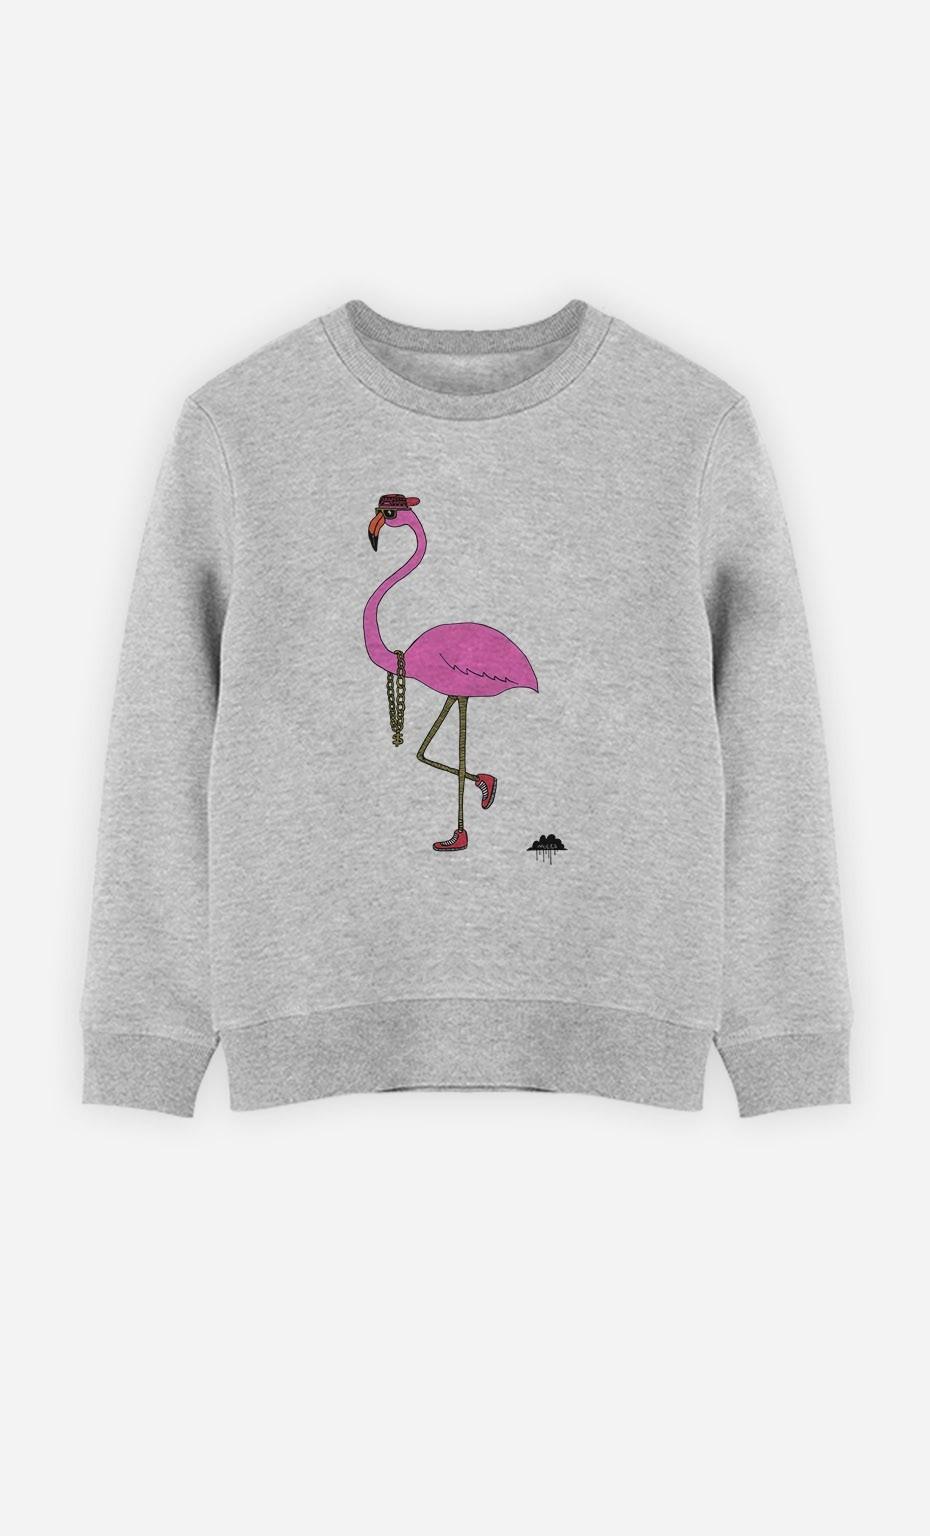 Sweatshirt Frederick The Flamingo